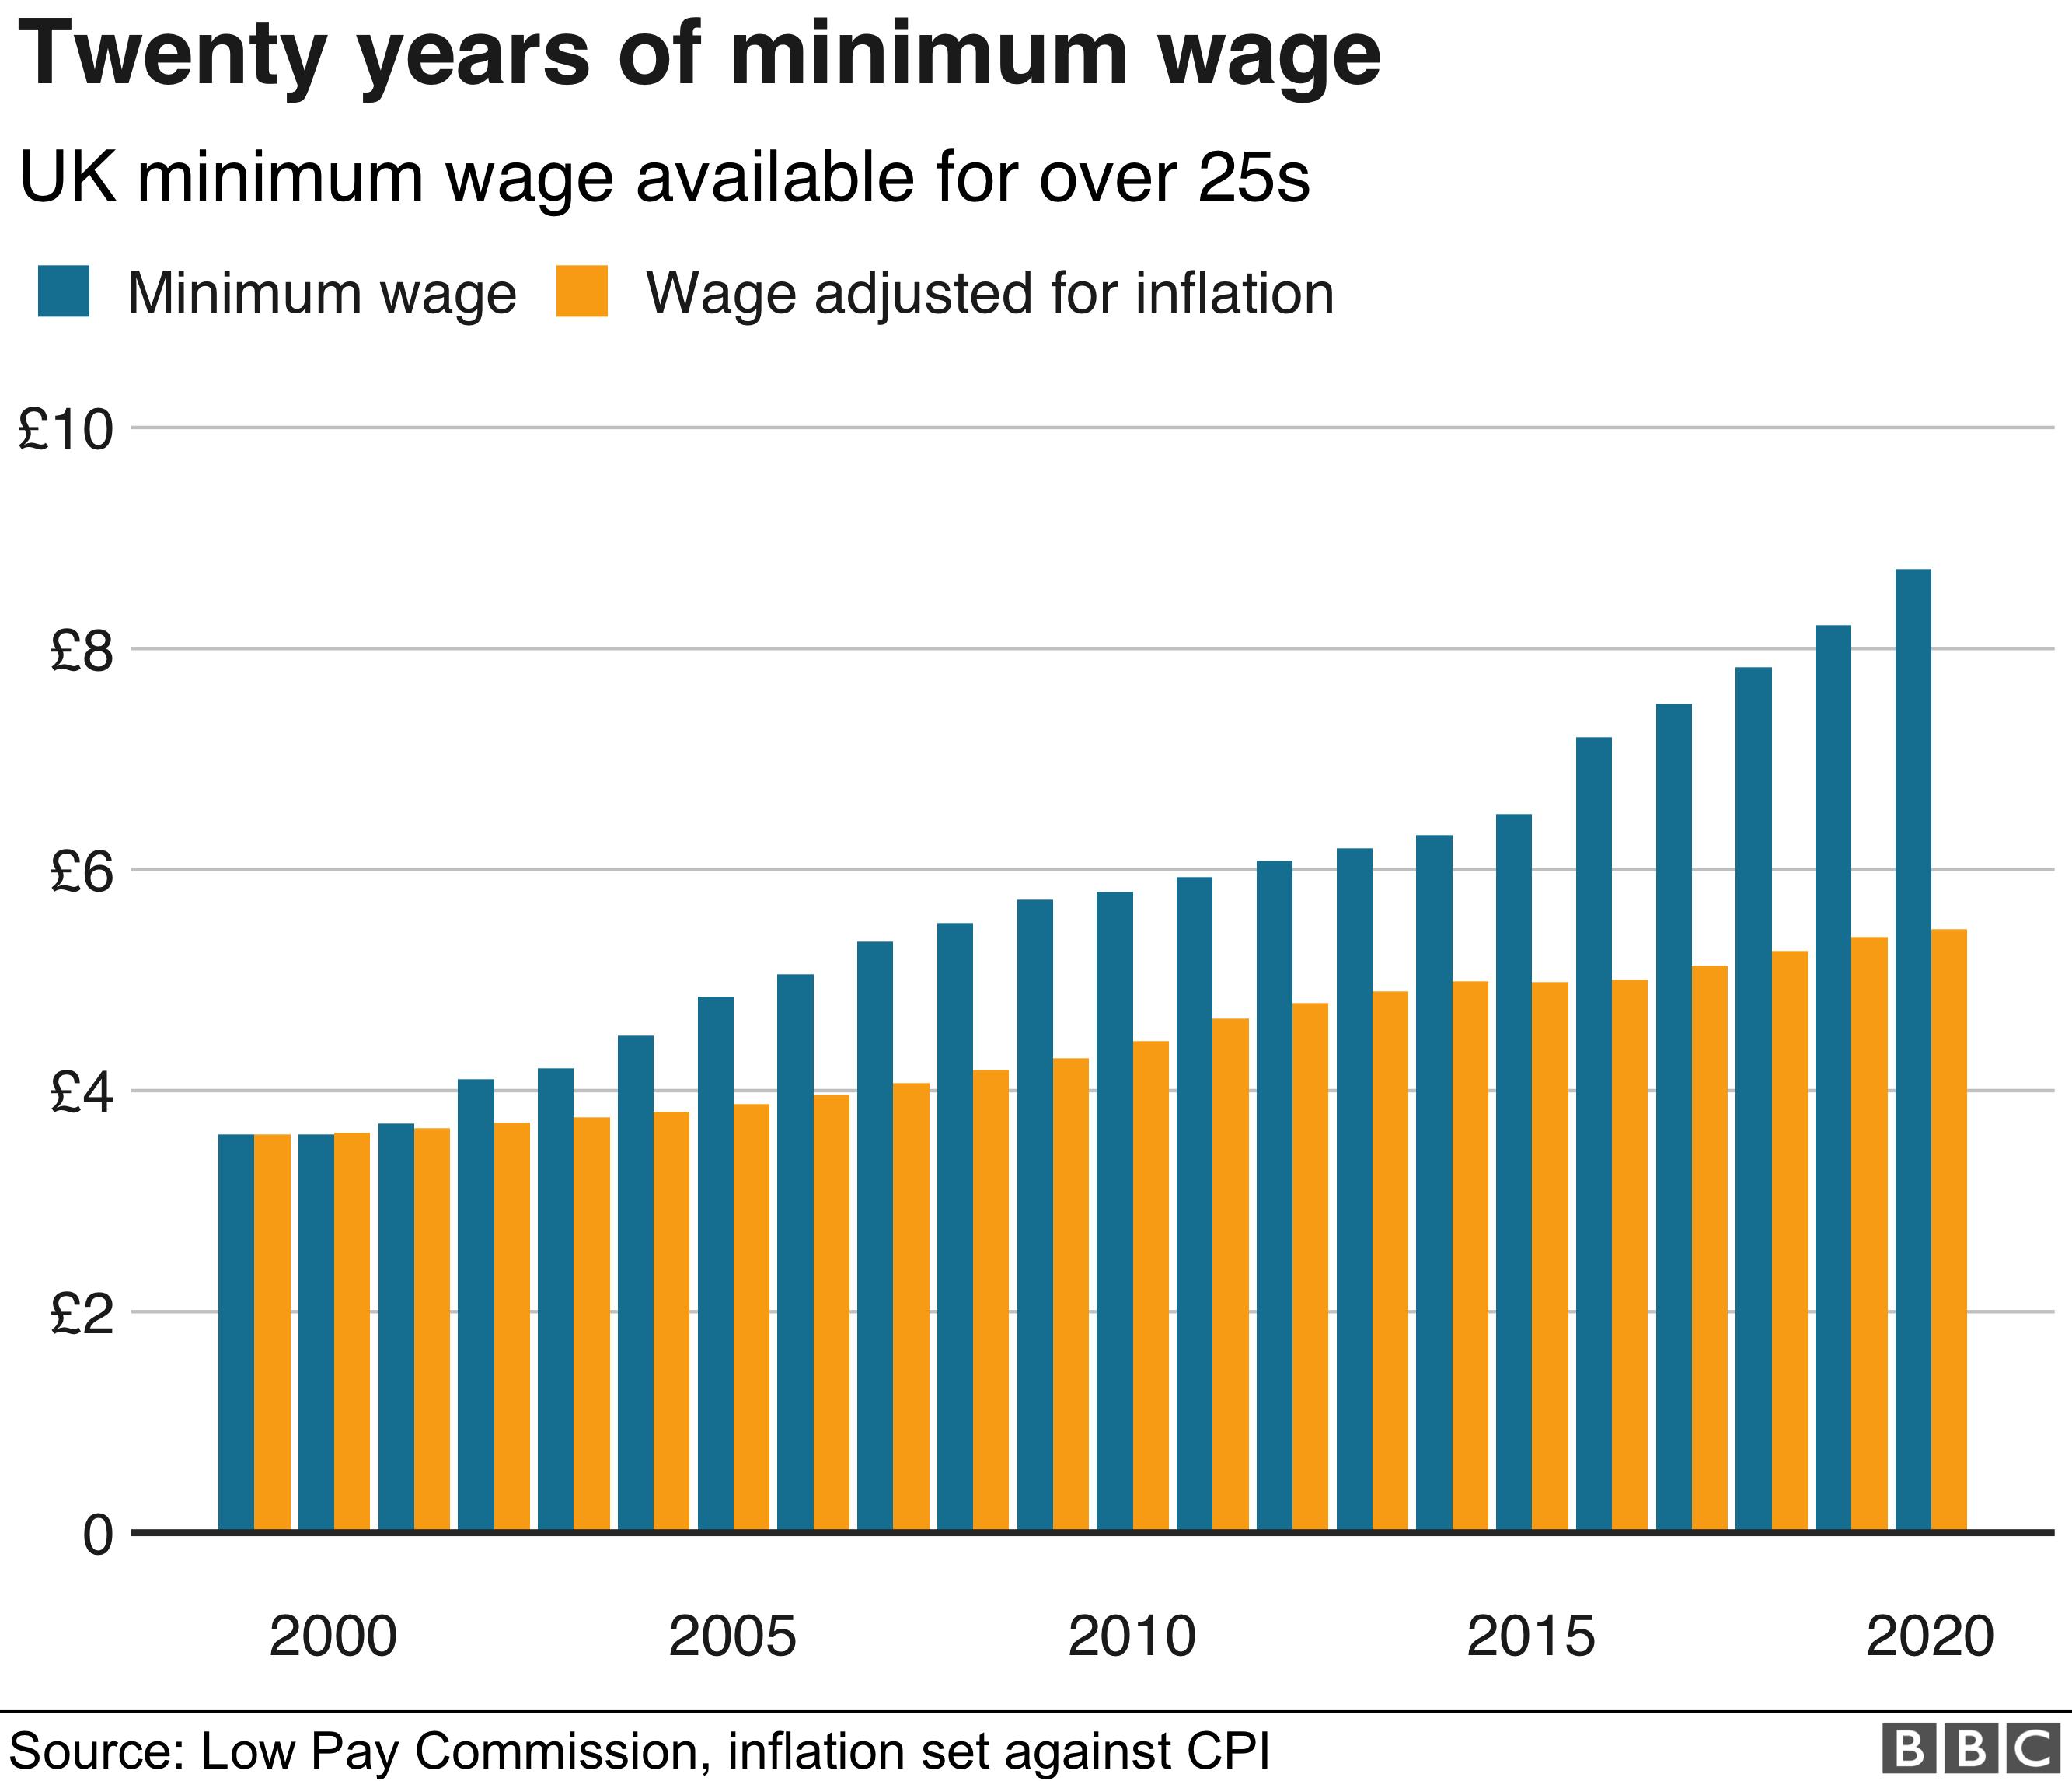 Chart showing minimum wage and real minimum wage